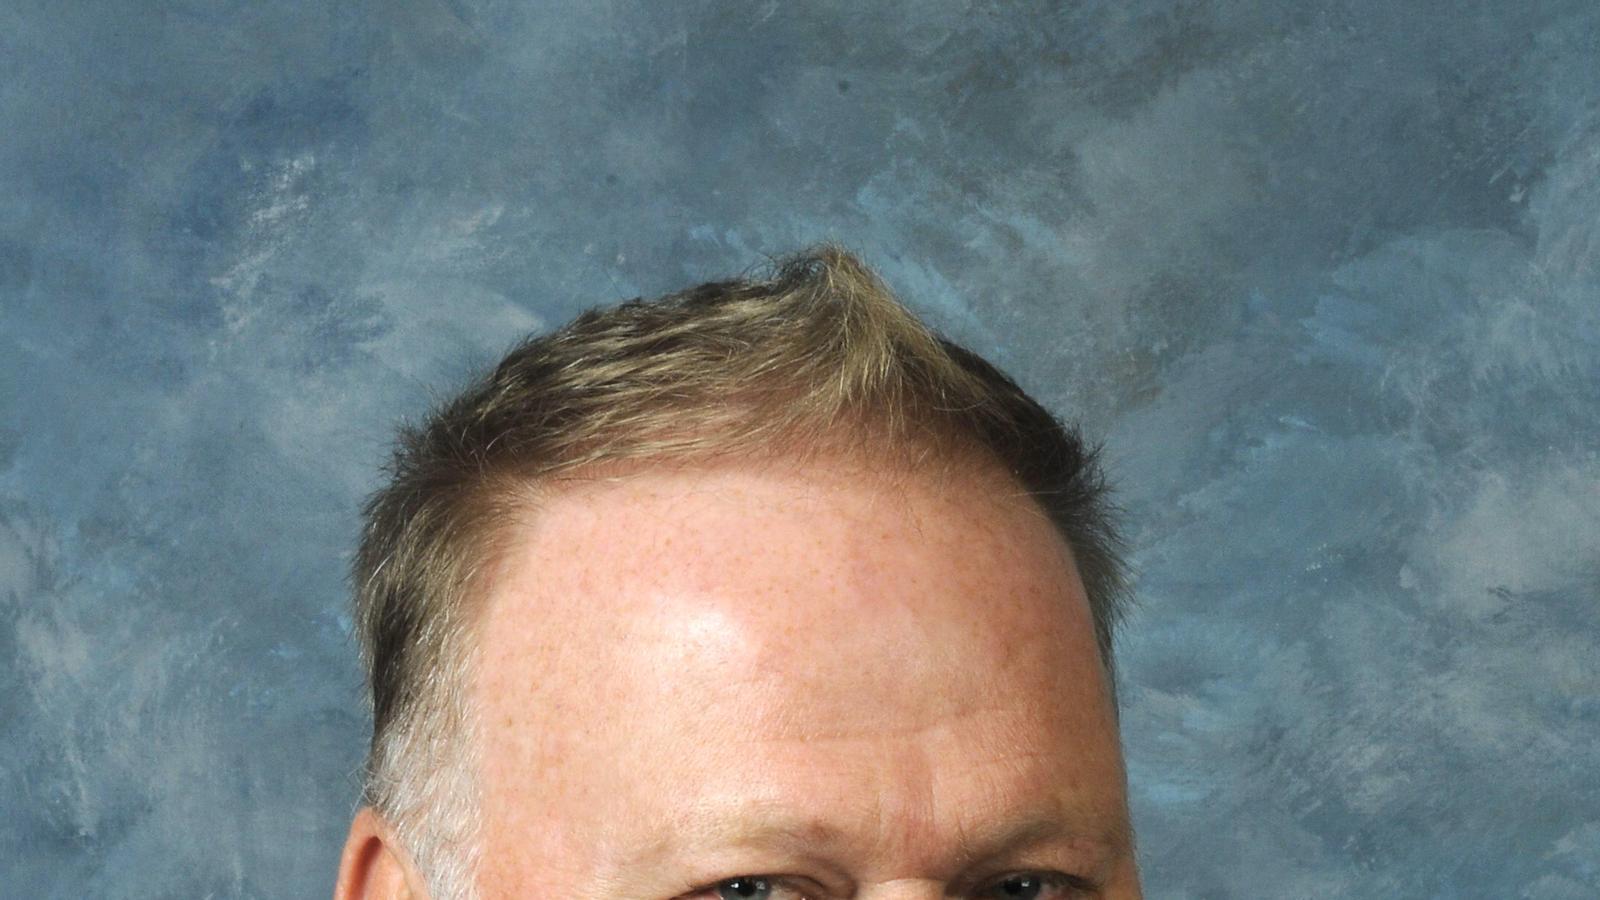 El republicà Dan Johnson tenia 57 anys i assegurava patir un trastorn d'estrès post-traumàtic a causa dels atemptats de l'11 de setembre del 2001